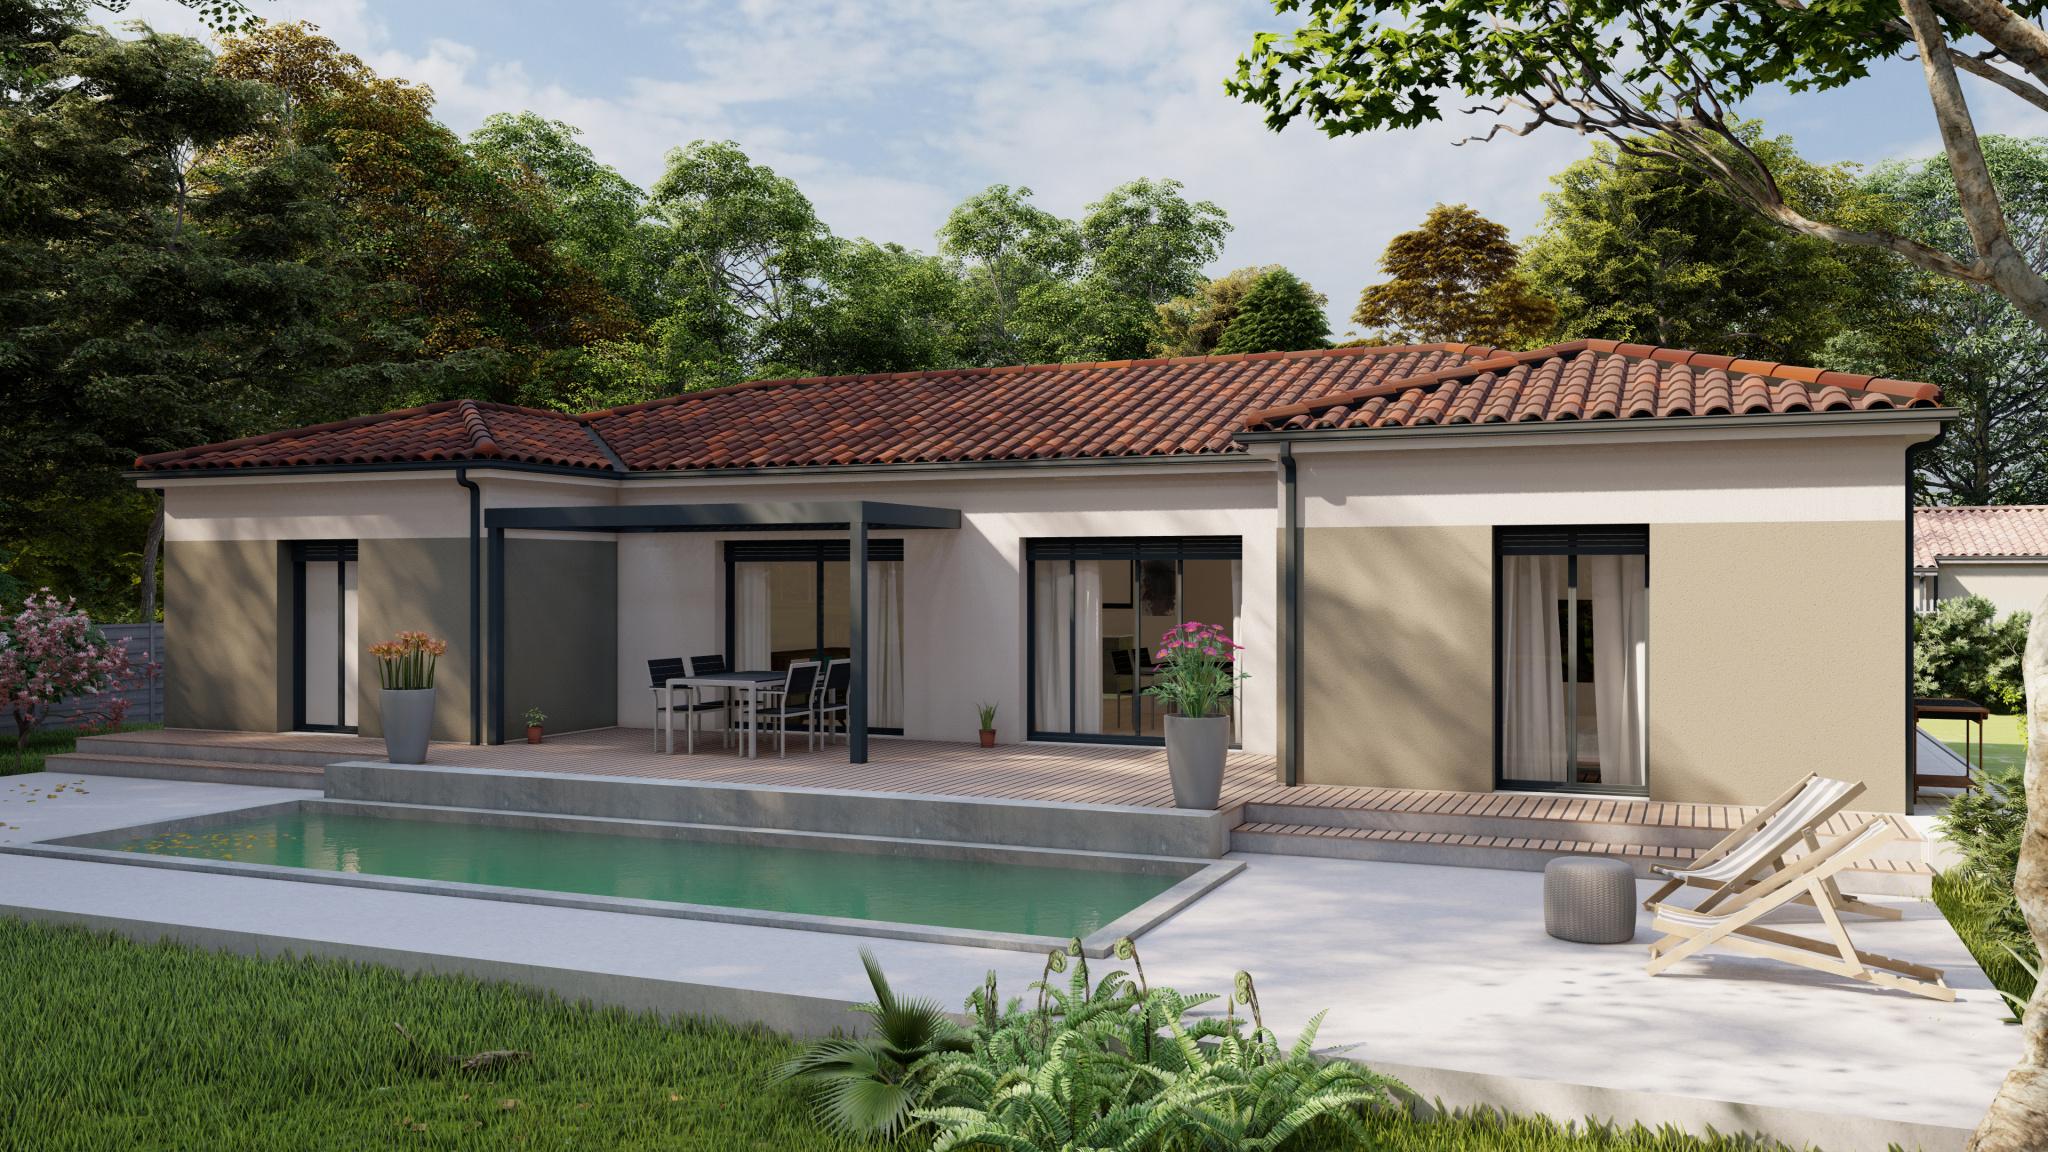 Vente maison à Trentels (47140) de 125 m2 habitable sur terrain de 1000 m2